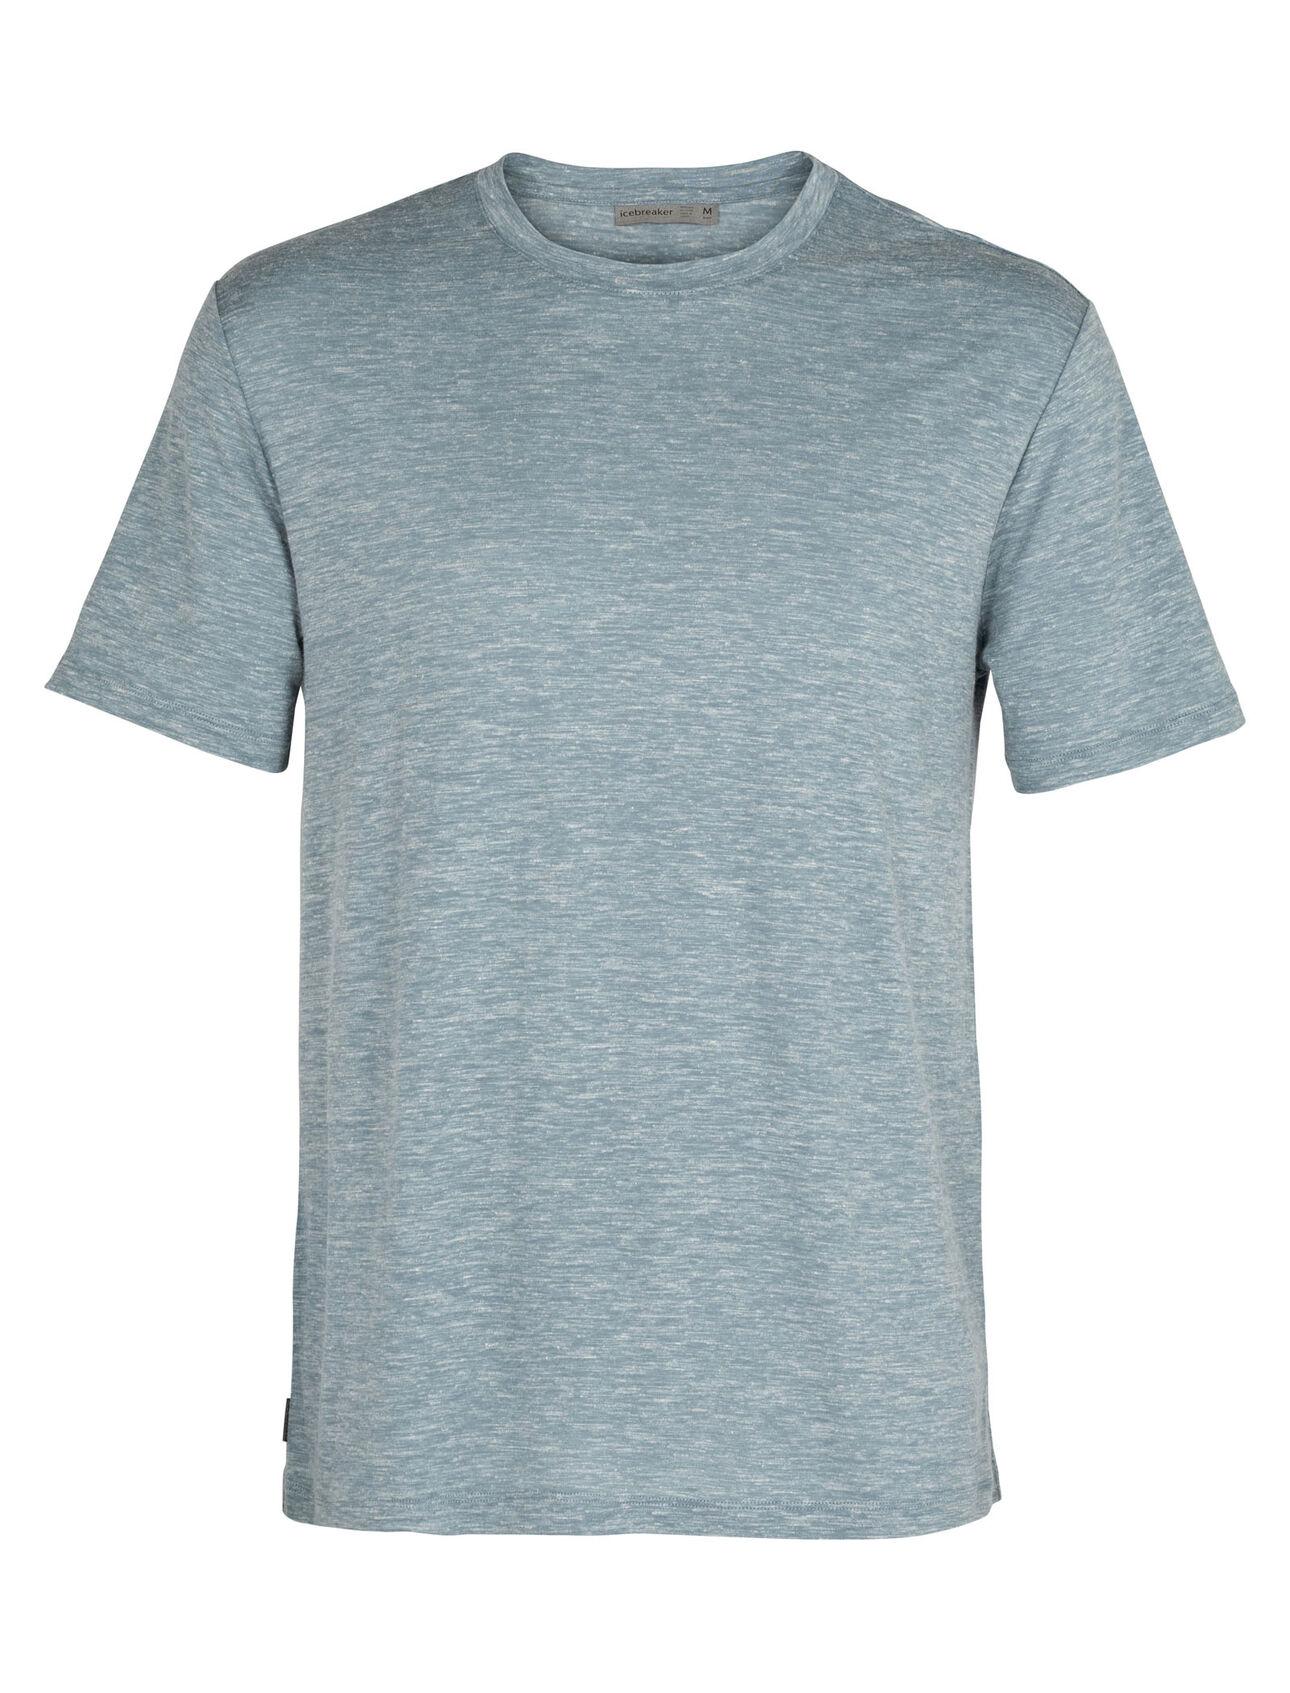 Merino Dowlas Short Sleeve Crewe T-Shirt